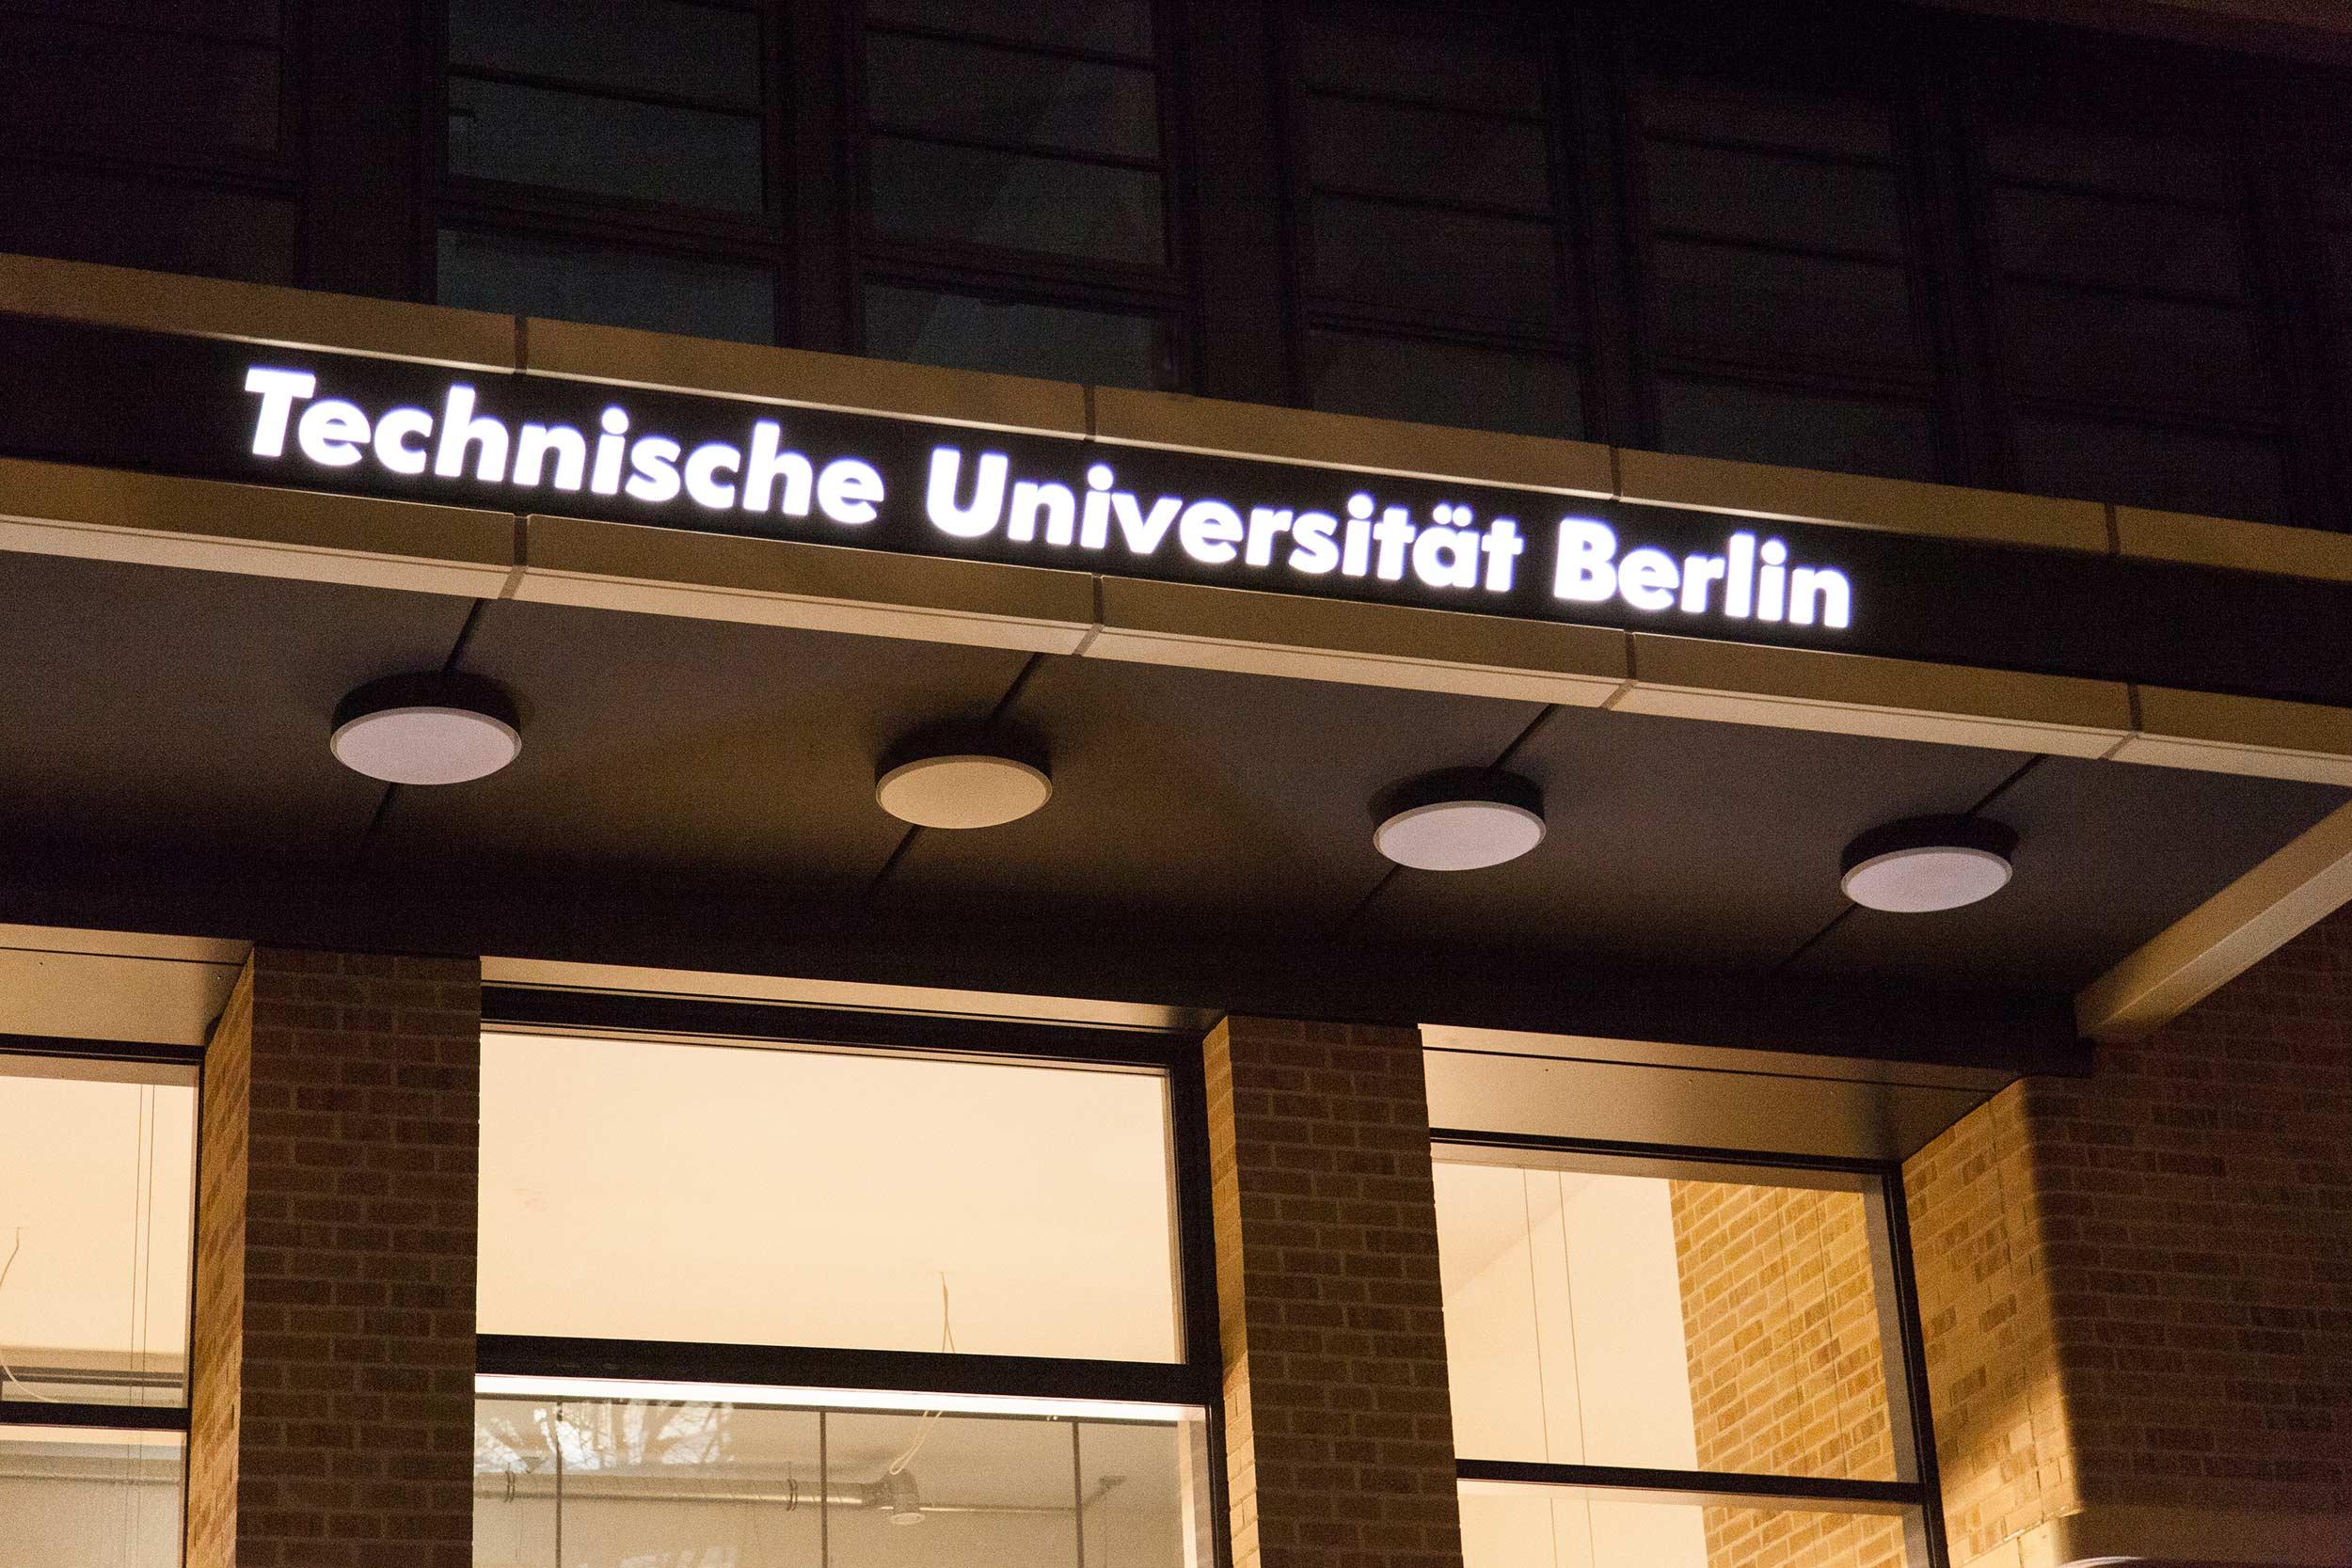 32 Technische Universität Berlin Marchstrasse.jpg